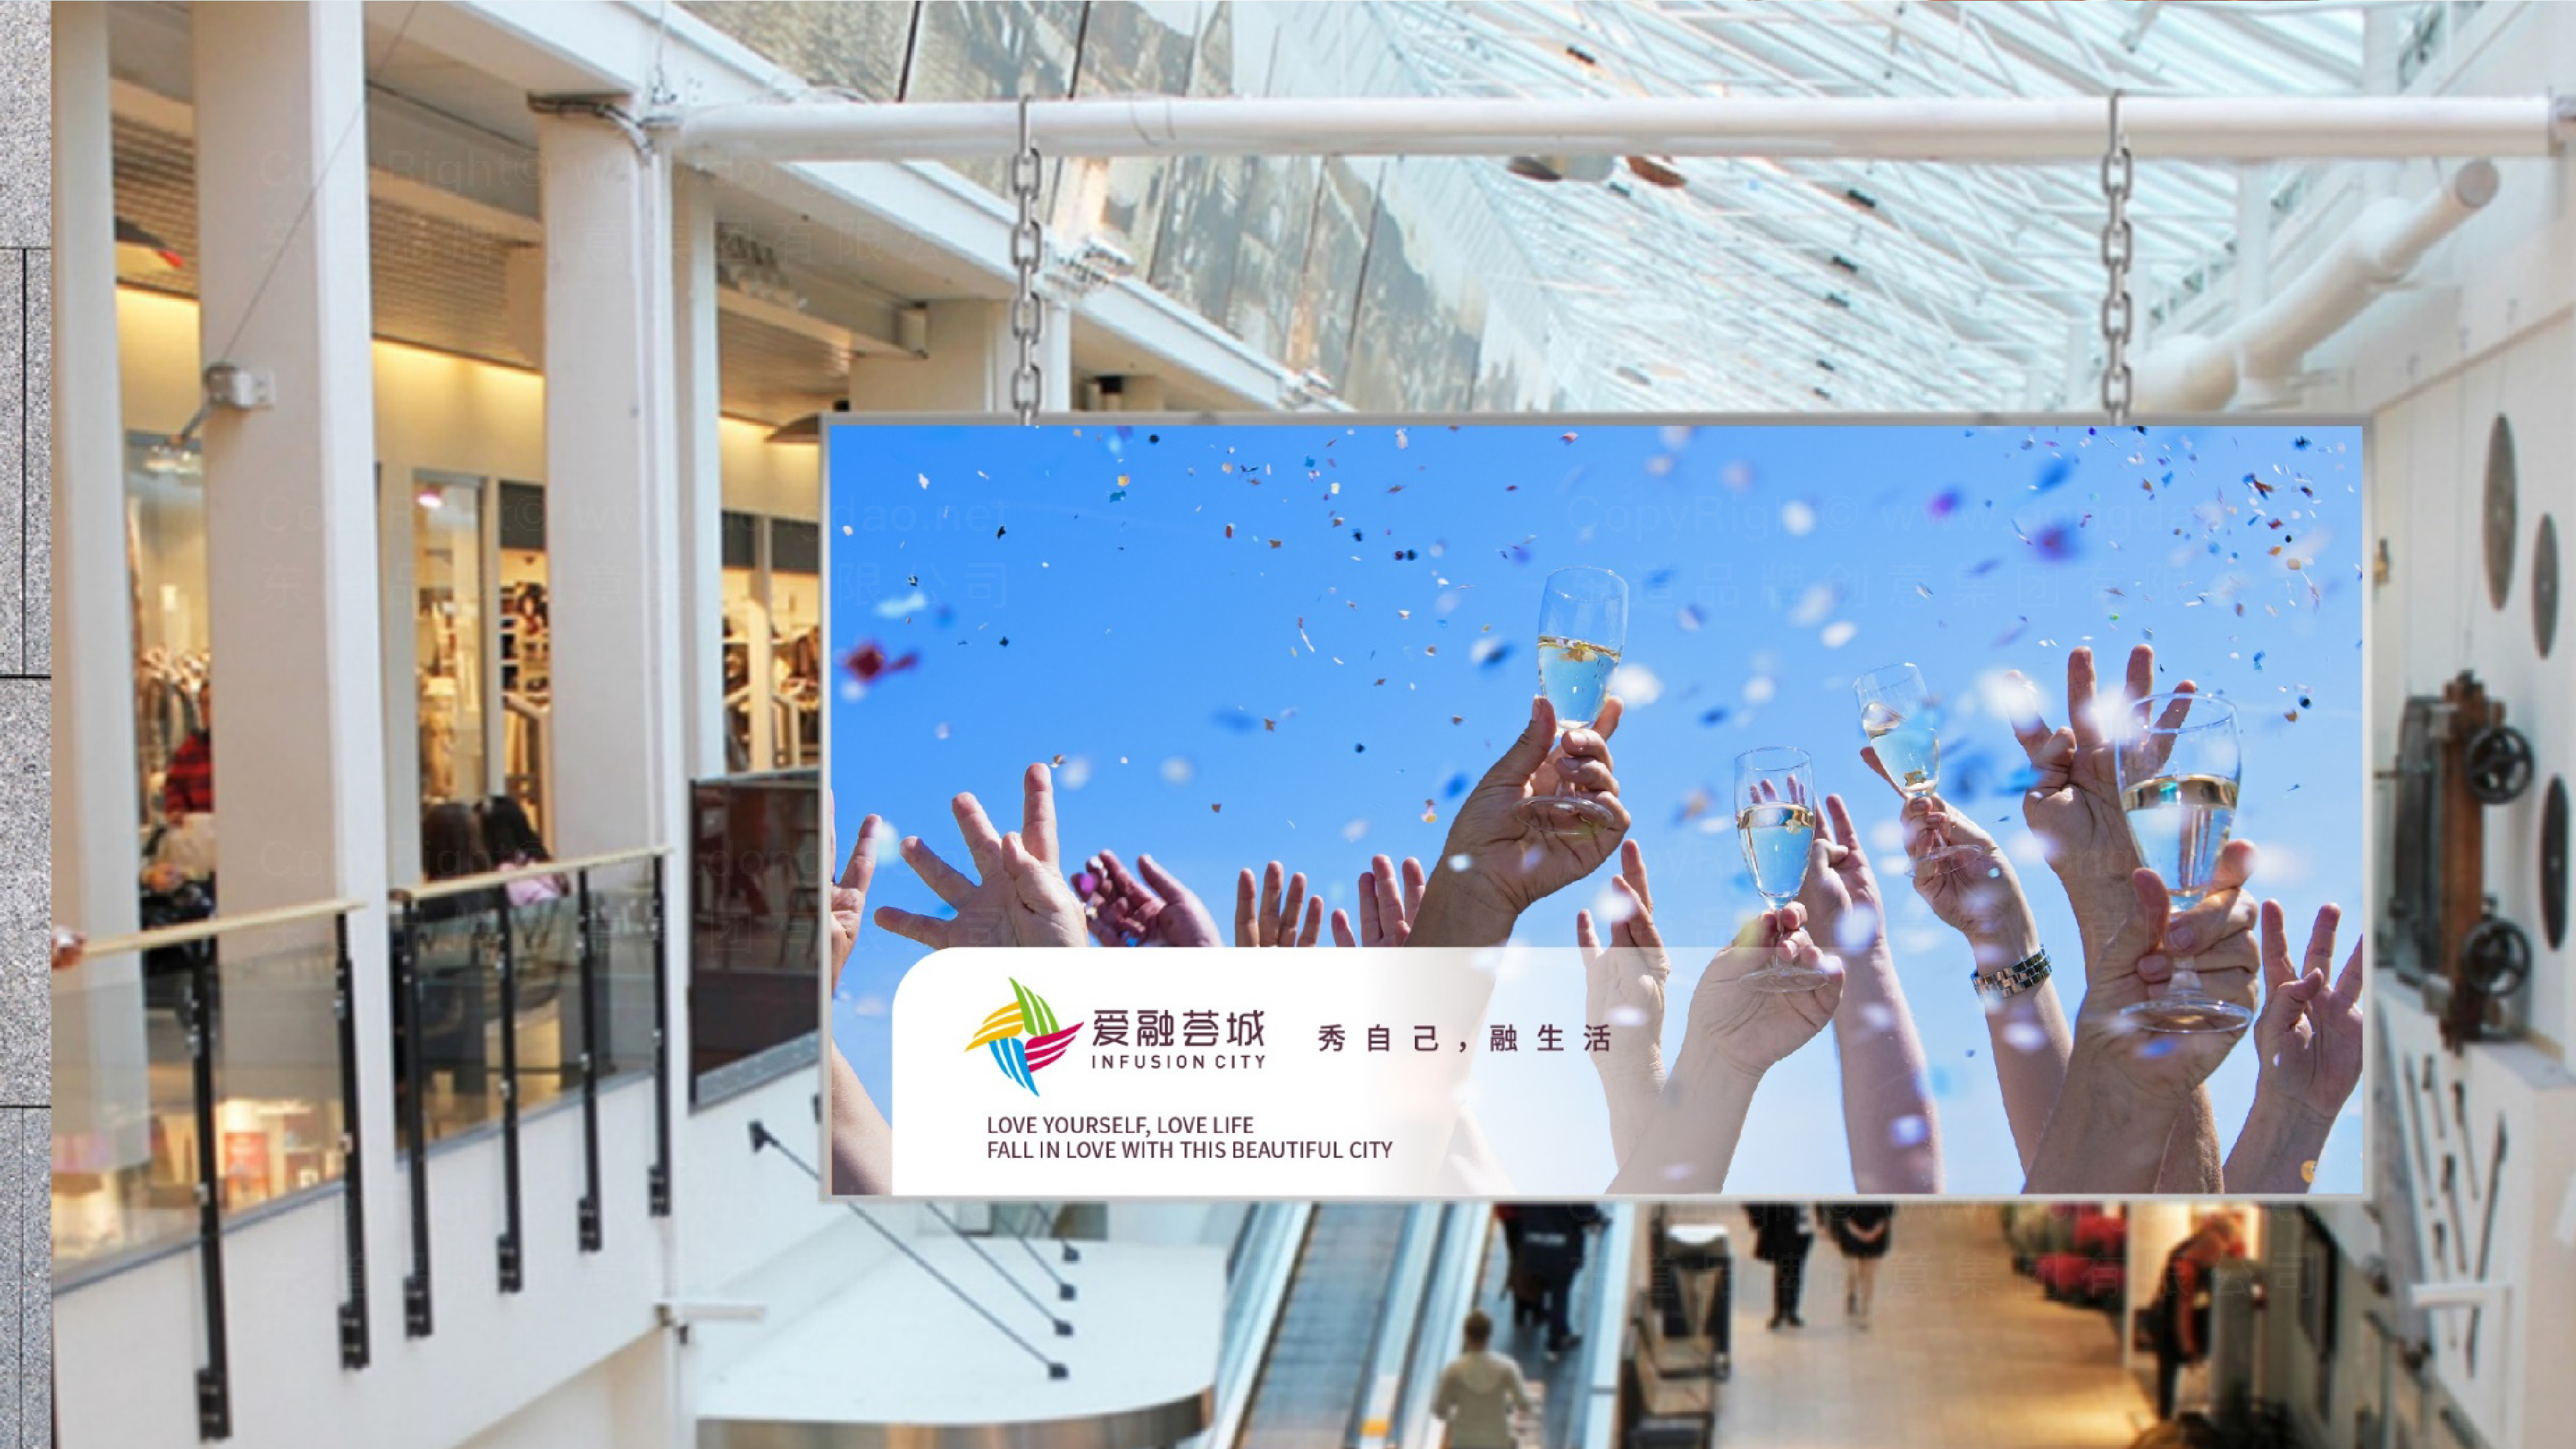 零售购物品牌设计爱融荟城logo设计、vi设计